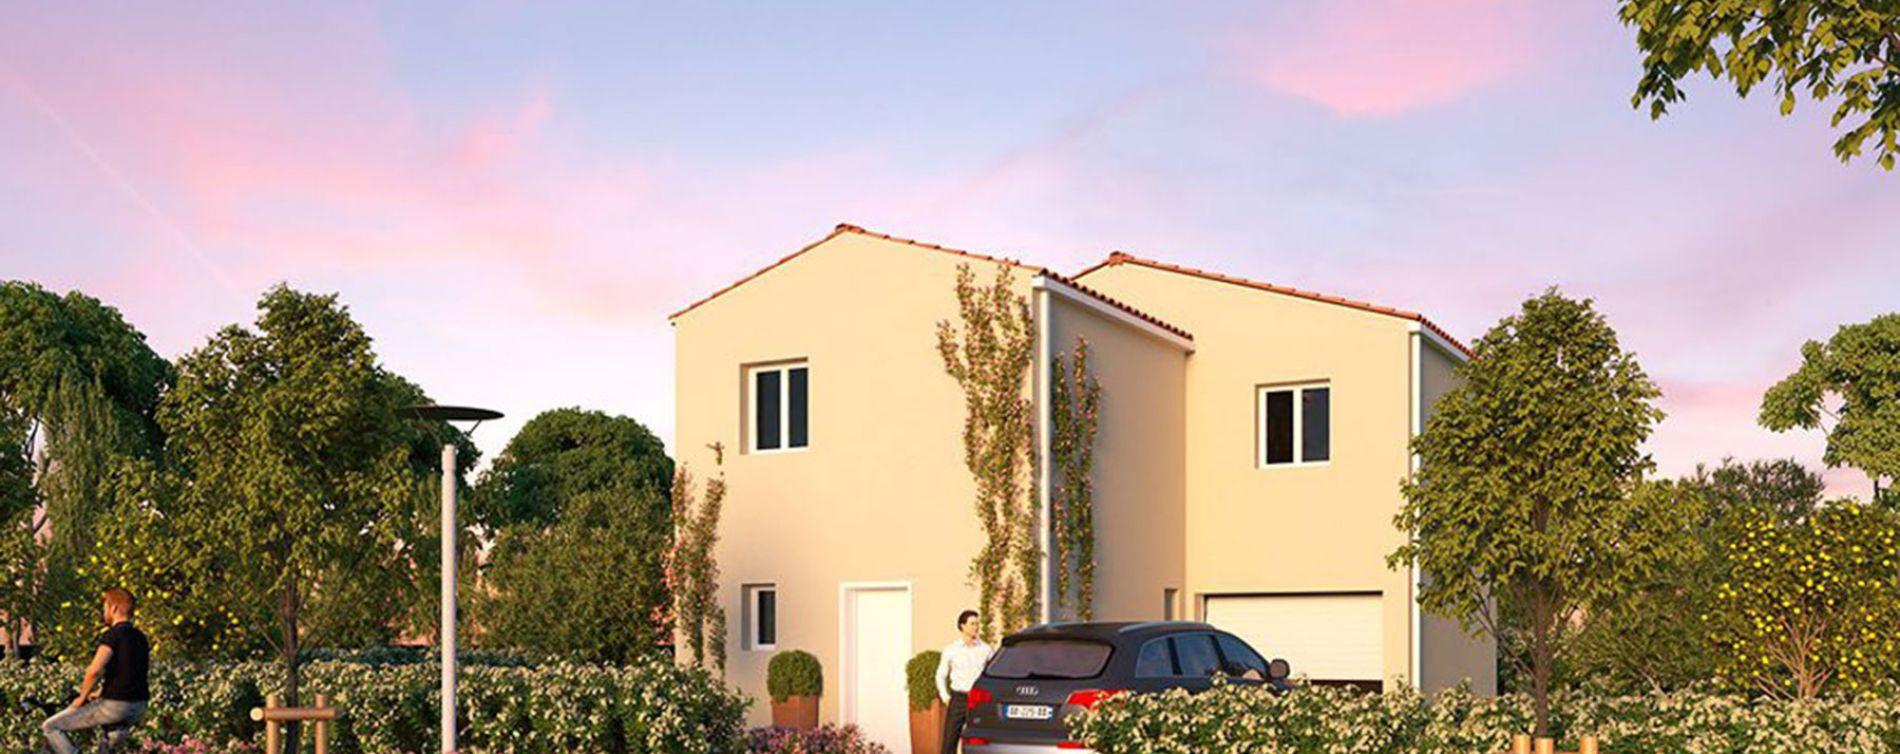 Bessières : programme immobilier neuve « Domaine des Coteaux »